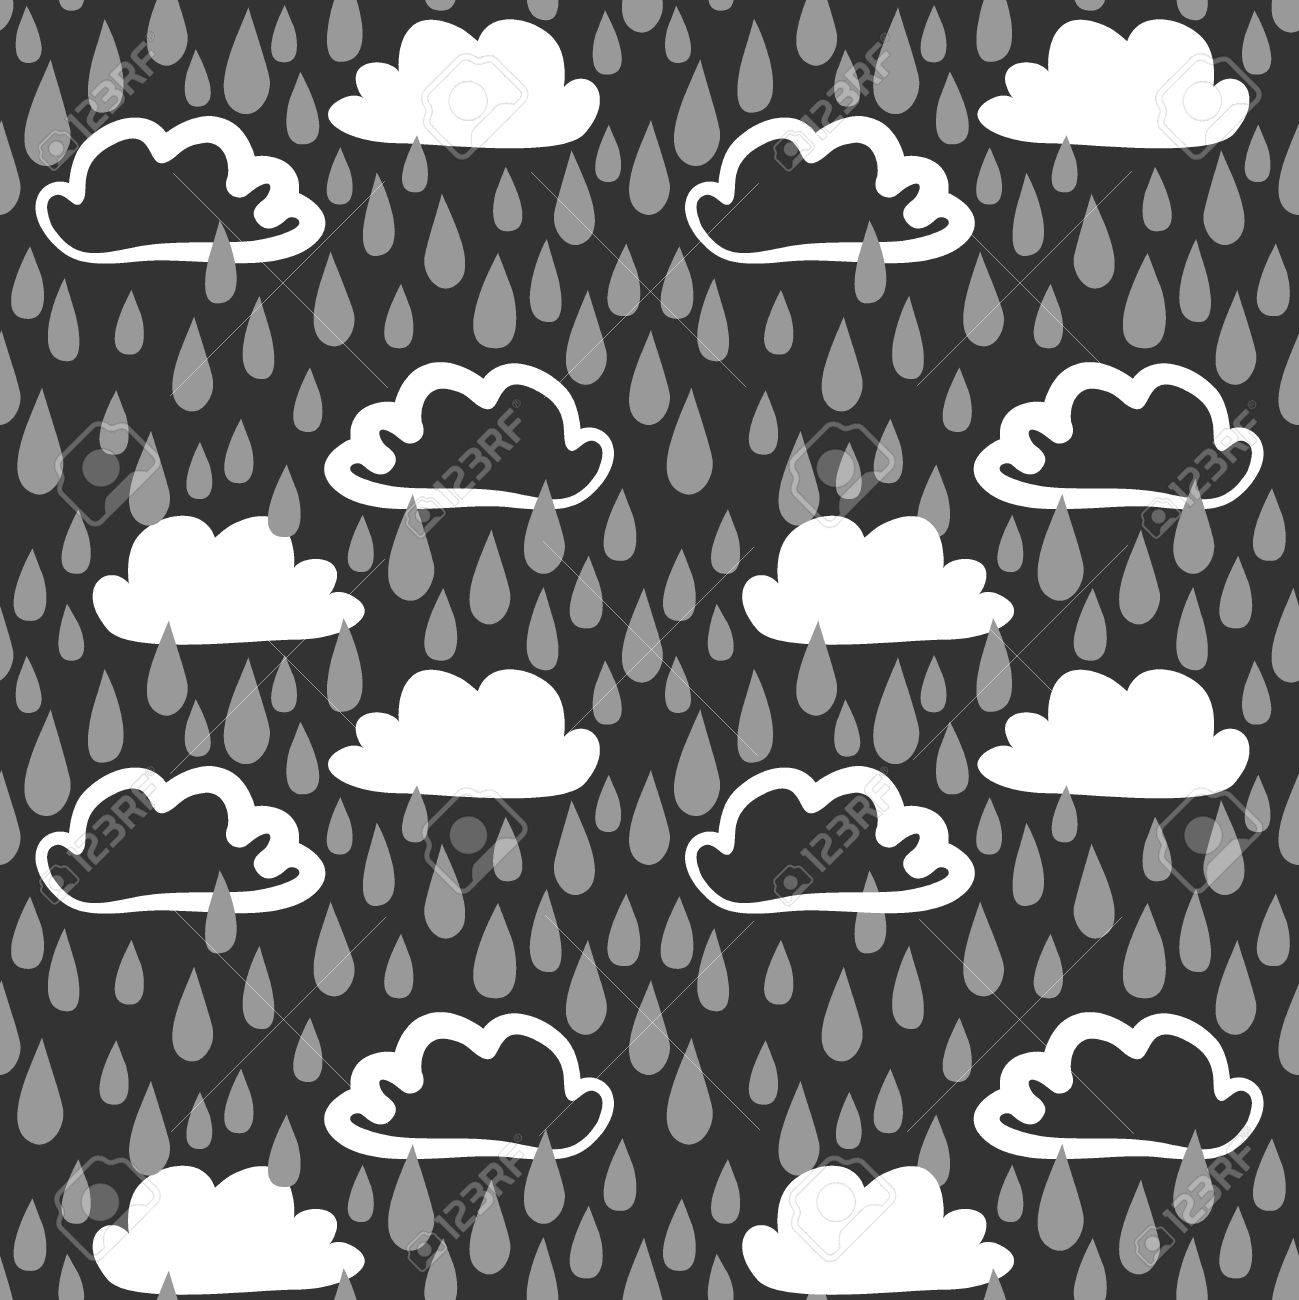 Dibujado A Mano Patrón Transparente Divertida Con Las Nubes Y Gotas ...